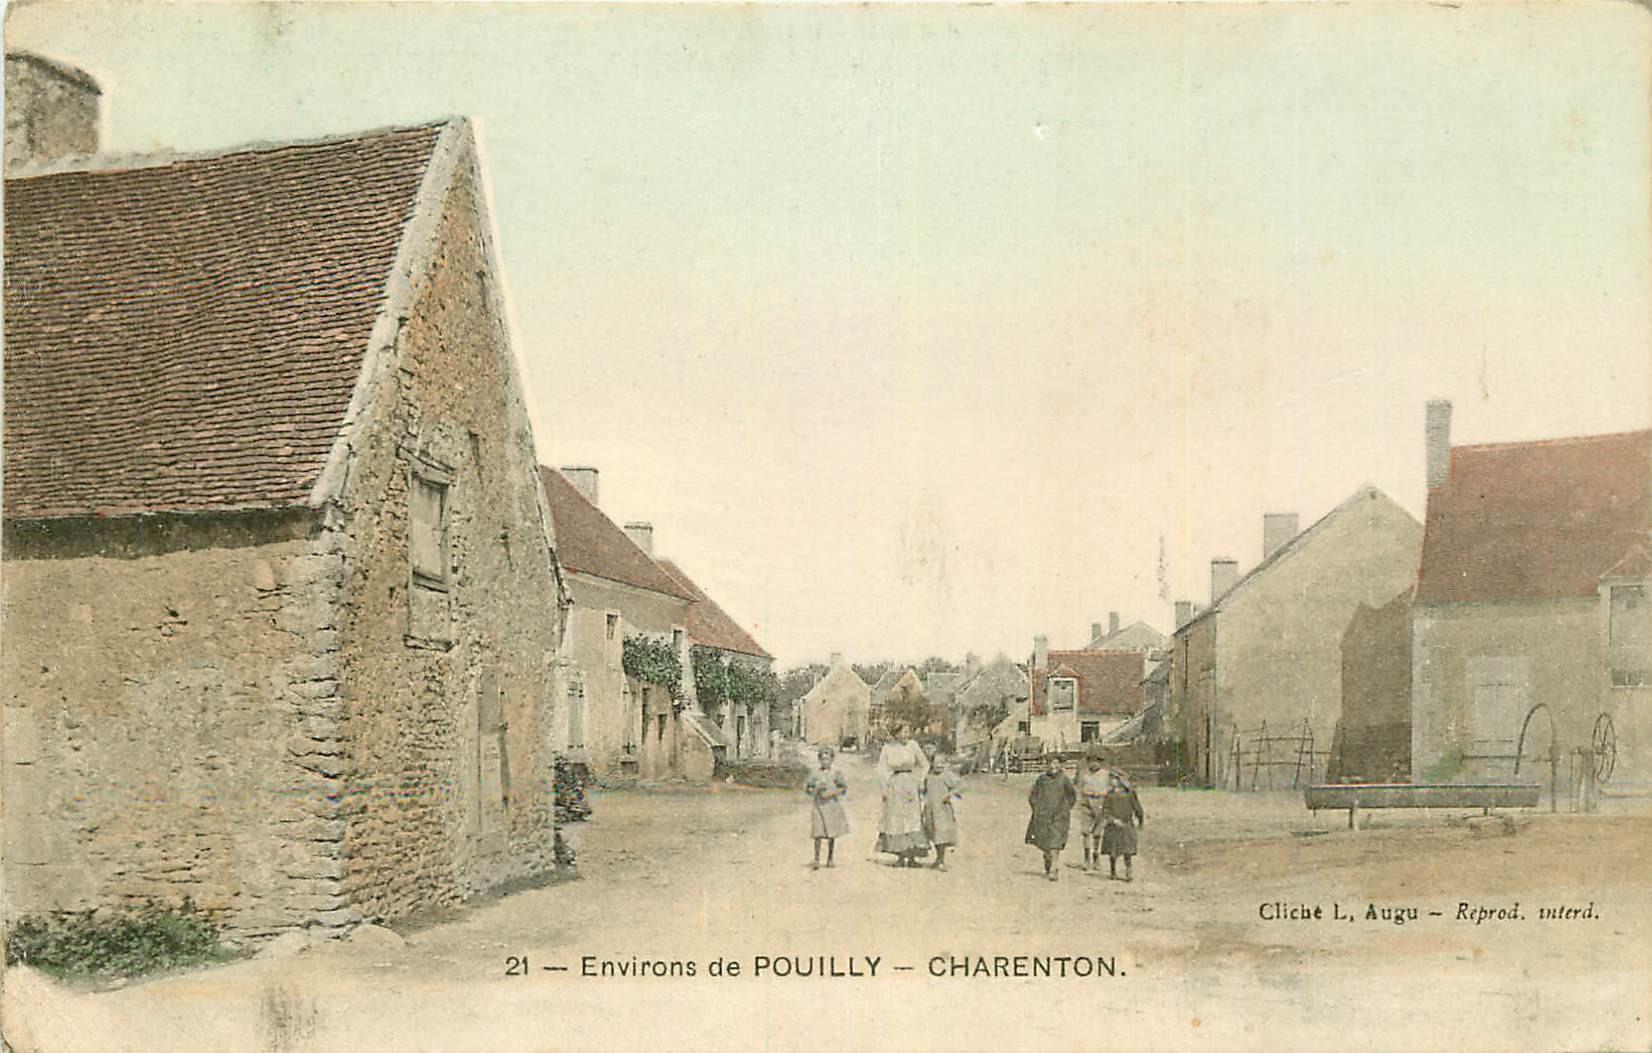 58 CHARENTON. Le Village aux environs de Pouilly 1917